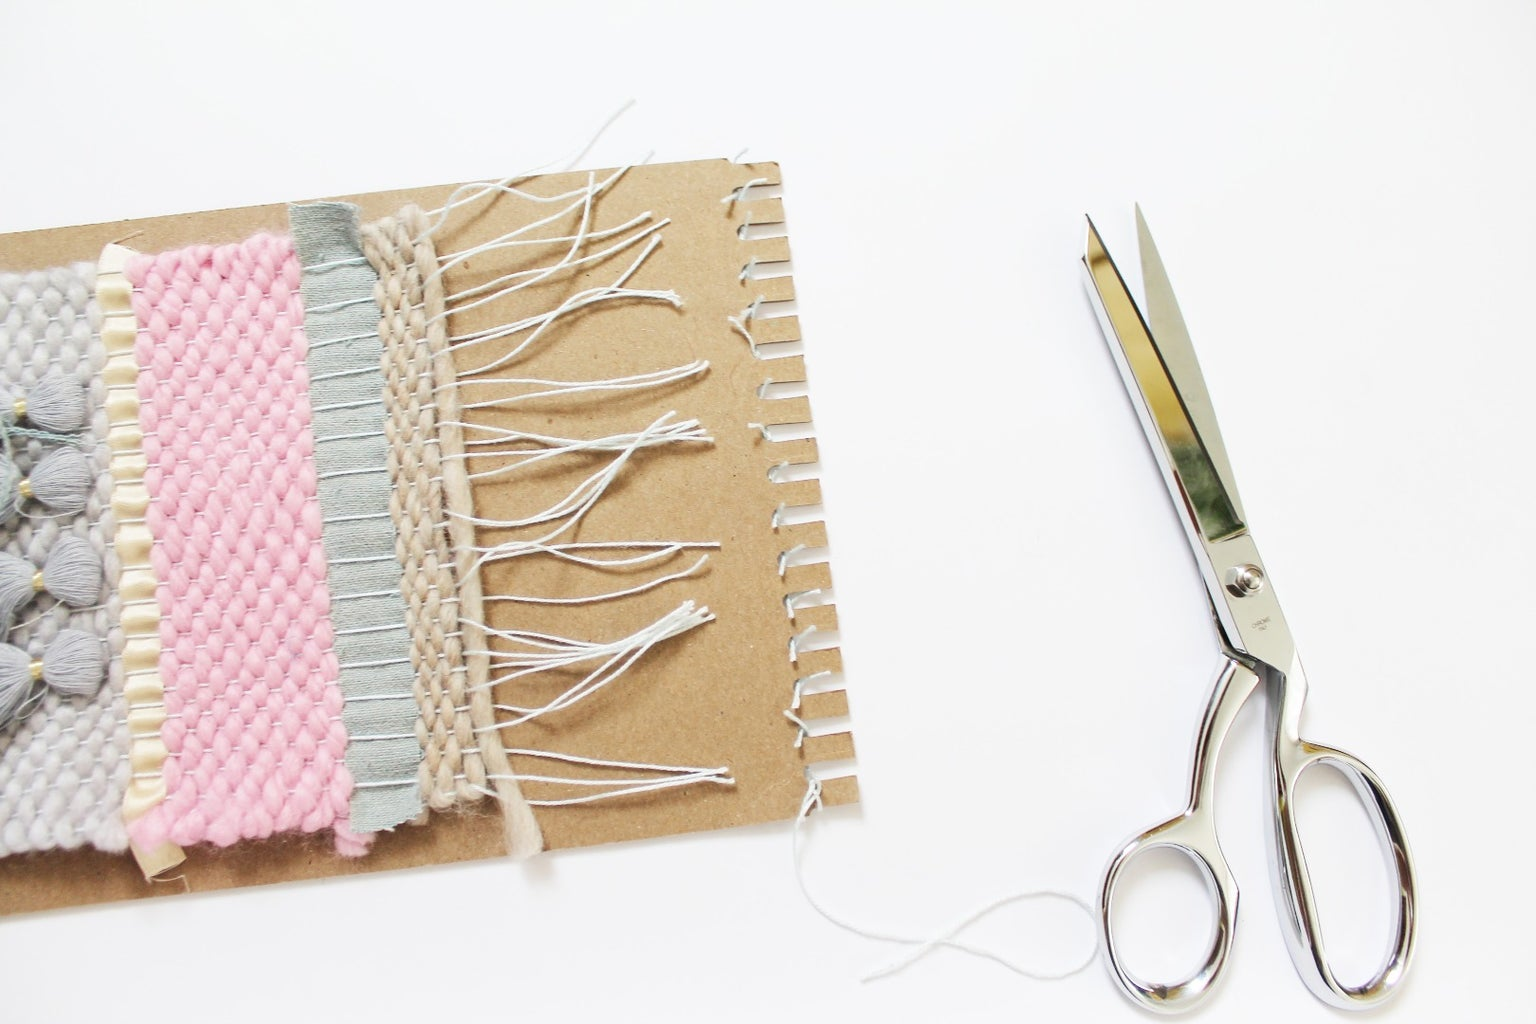 Finishing Your Weaving